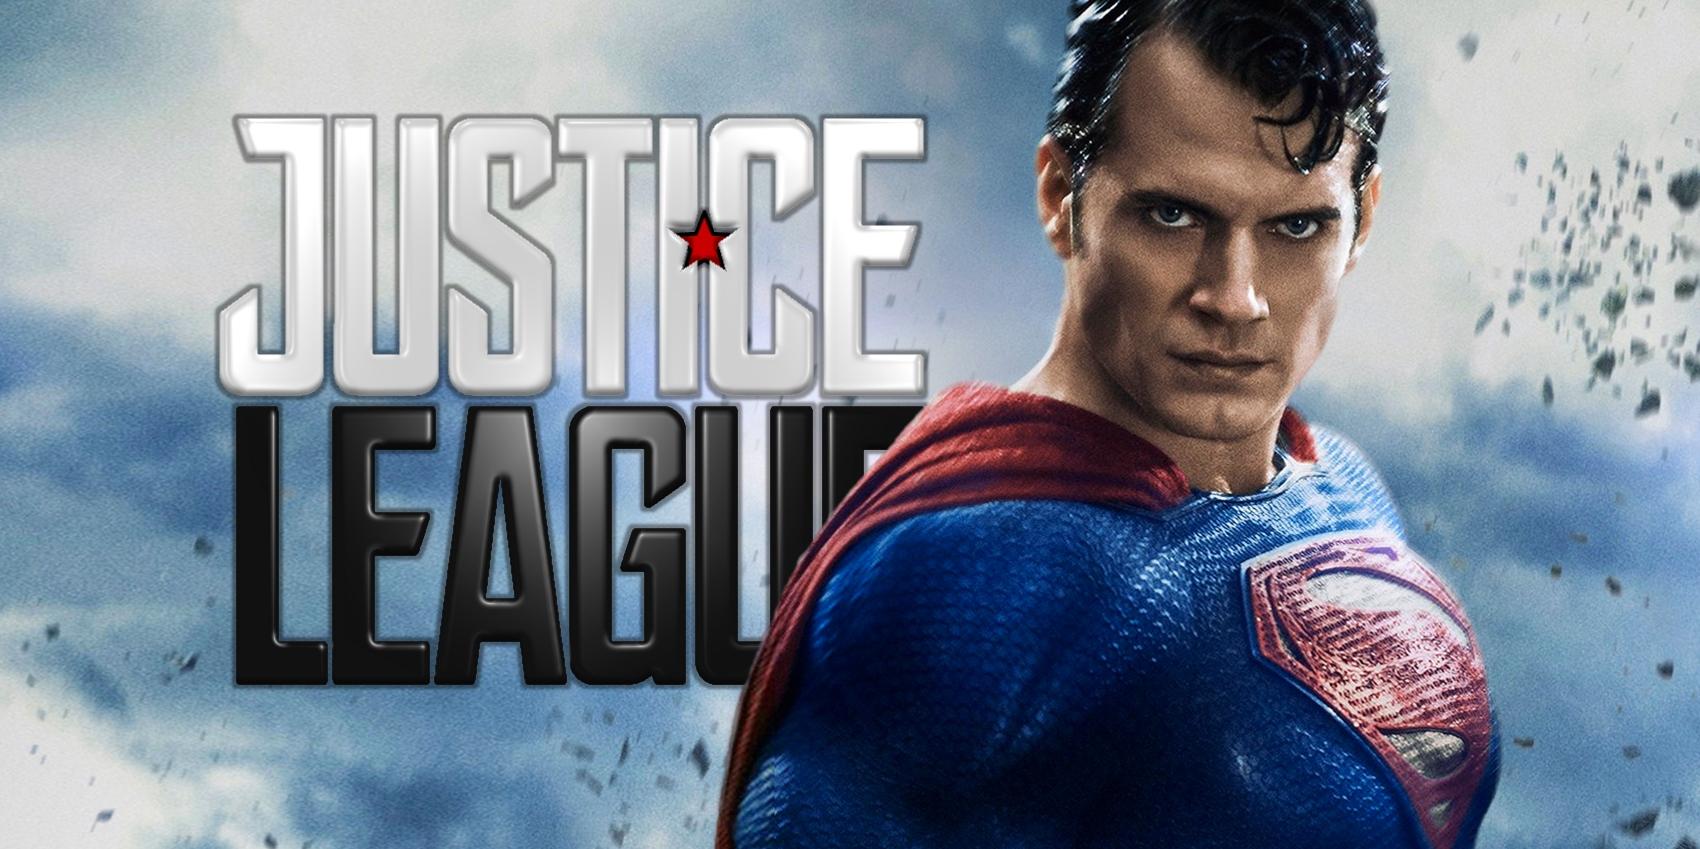 Superman-Justice-League-Movie